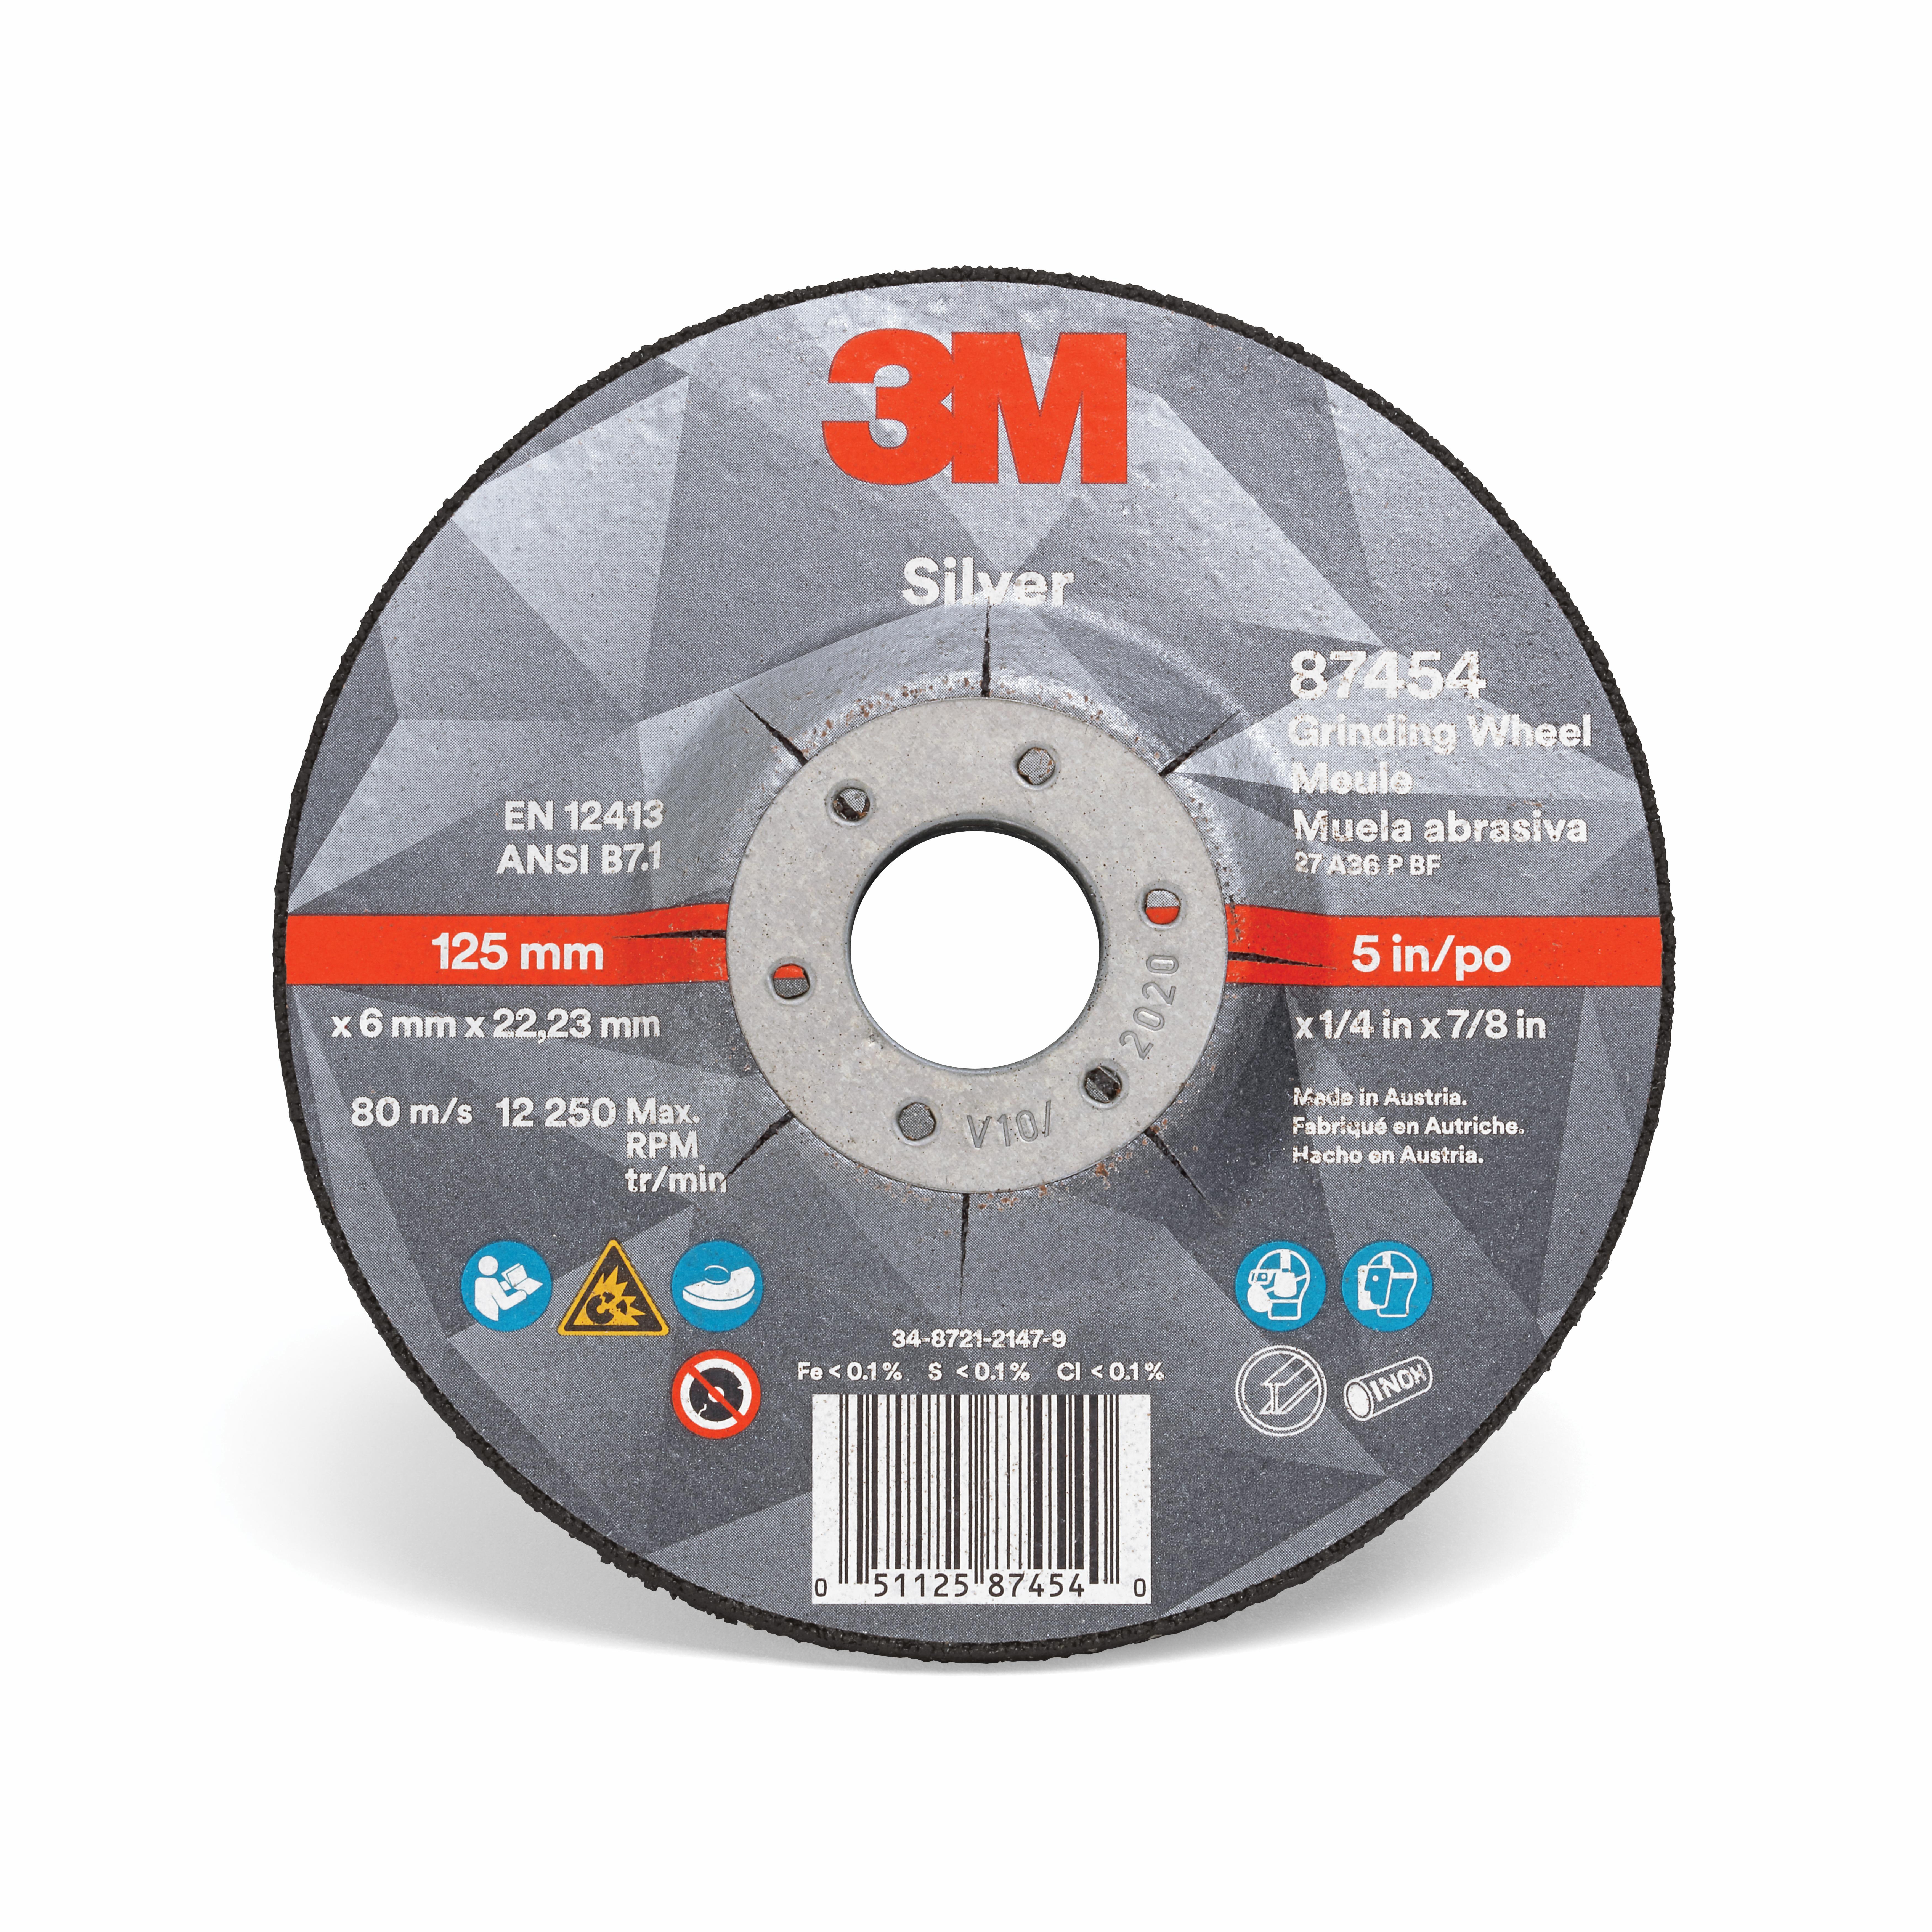 3M™ 051125-87454 Silver Depressed Center Wheel, 5 in Dia x 1/4 in THK, 7/8 in Center Hole, 36 Grit, Ceramic Grain Abrasive